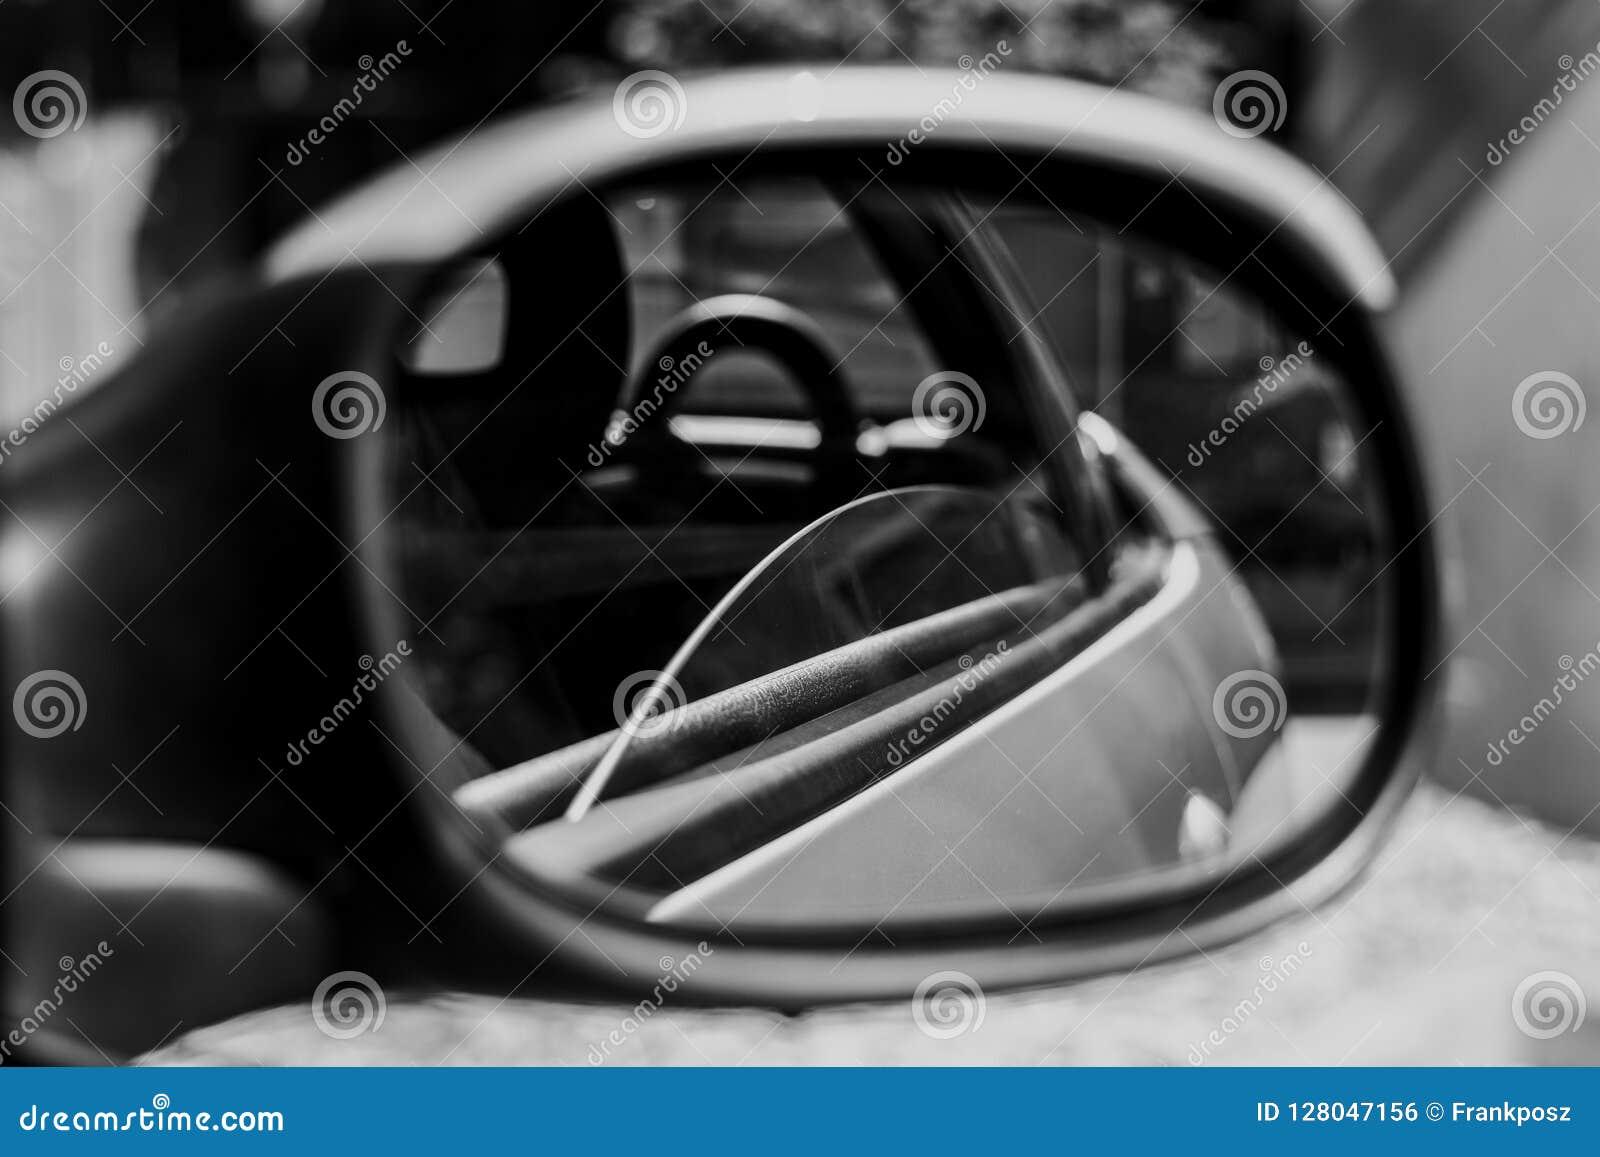 Espejo de coche Front Right